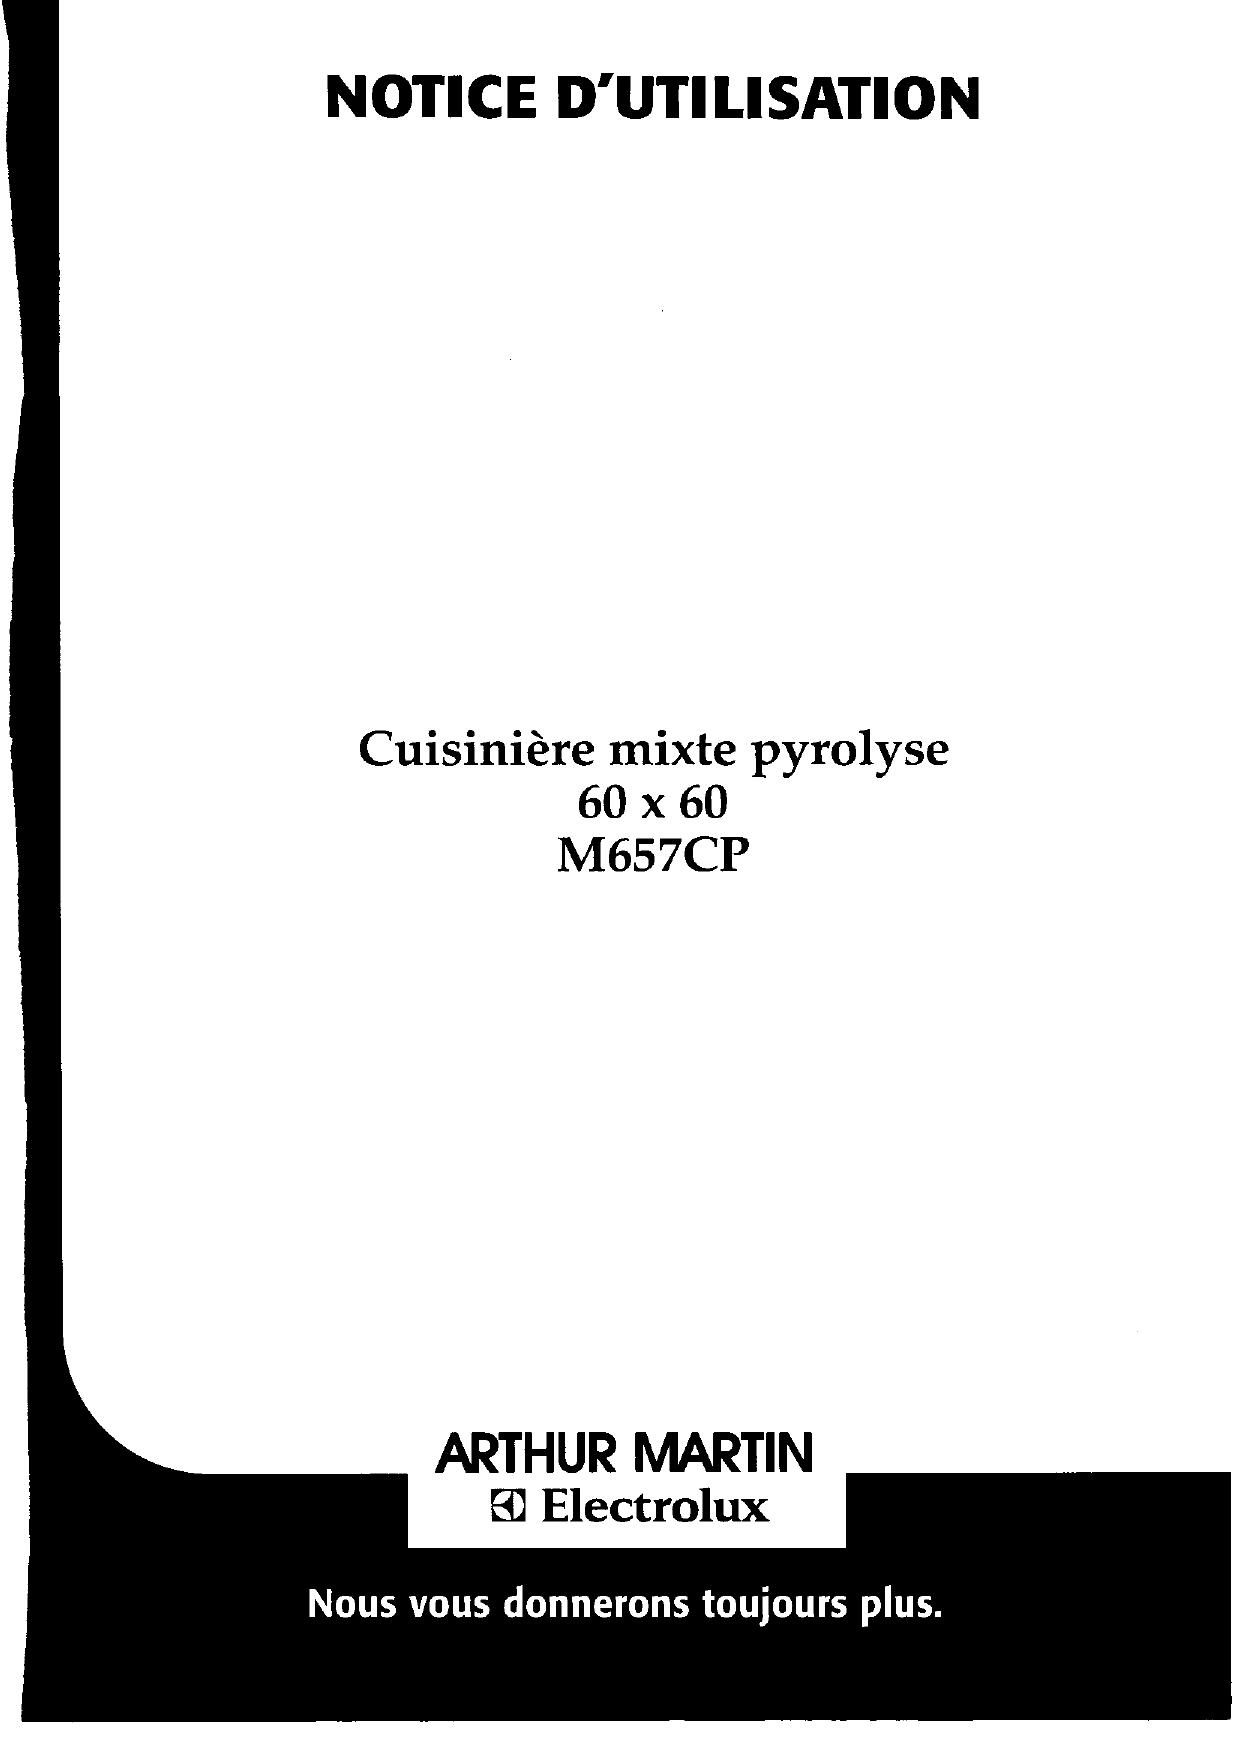 ARTHUR MARTIN ELECTROLUX M657CPW13+1PYRO Manuel